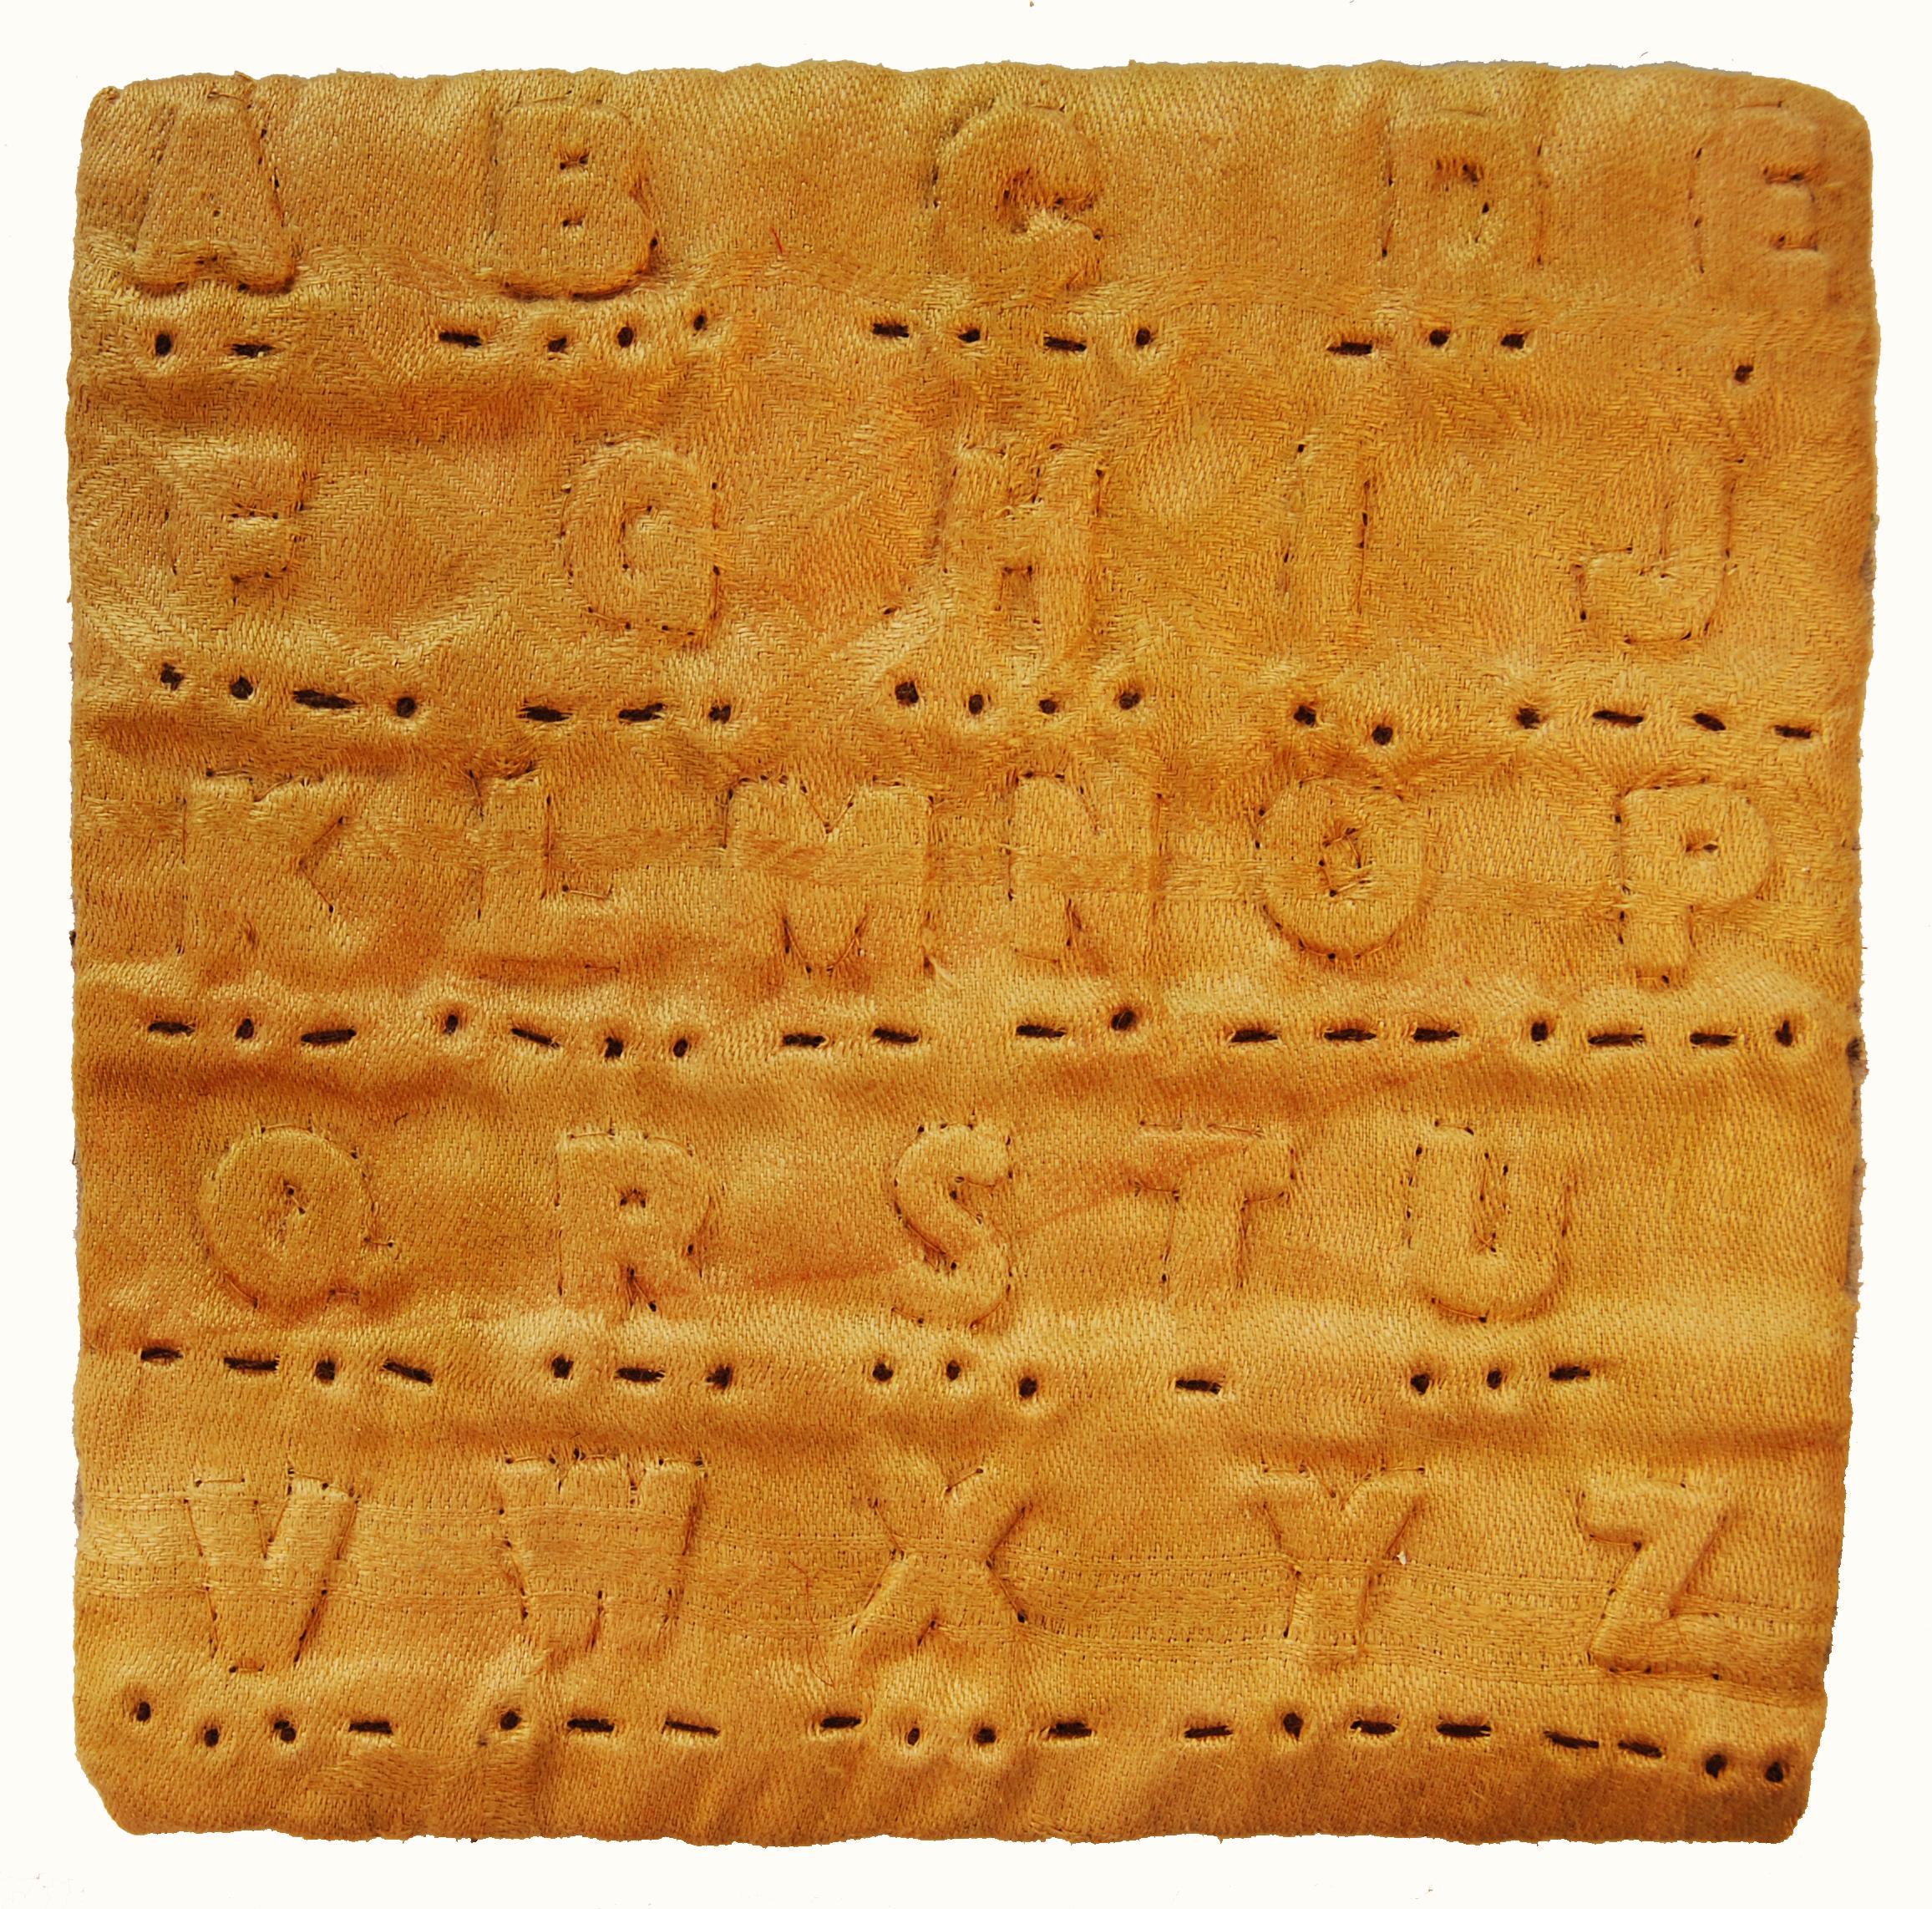 braille sq 1.jpg